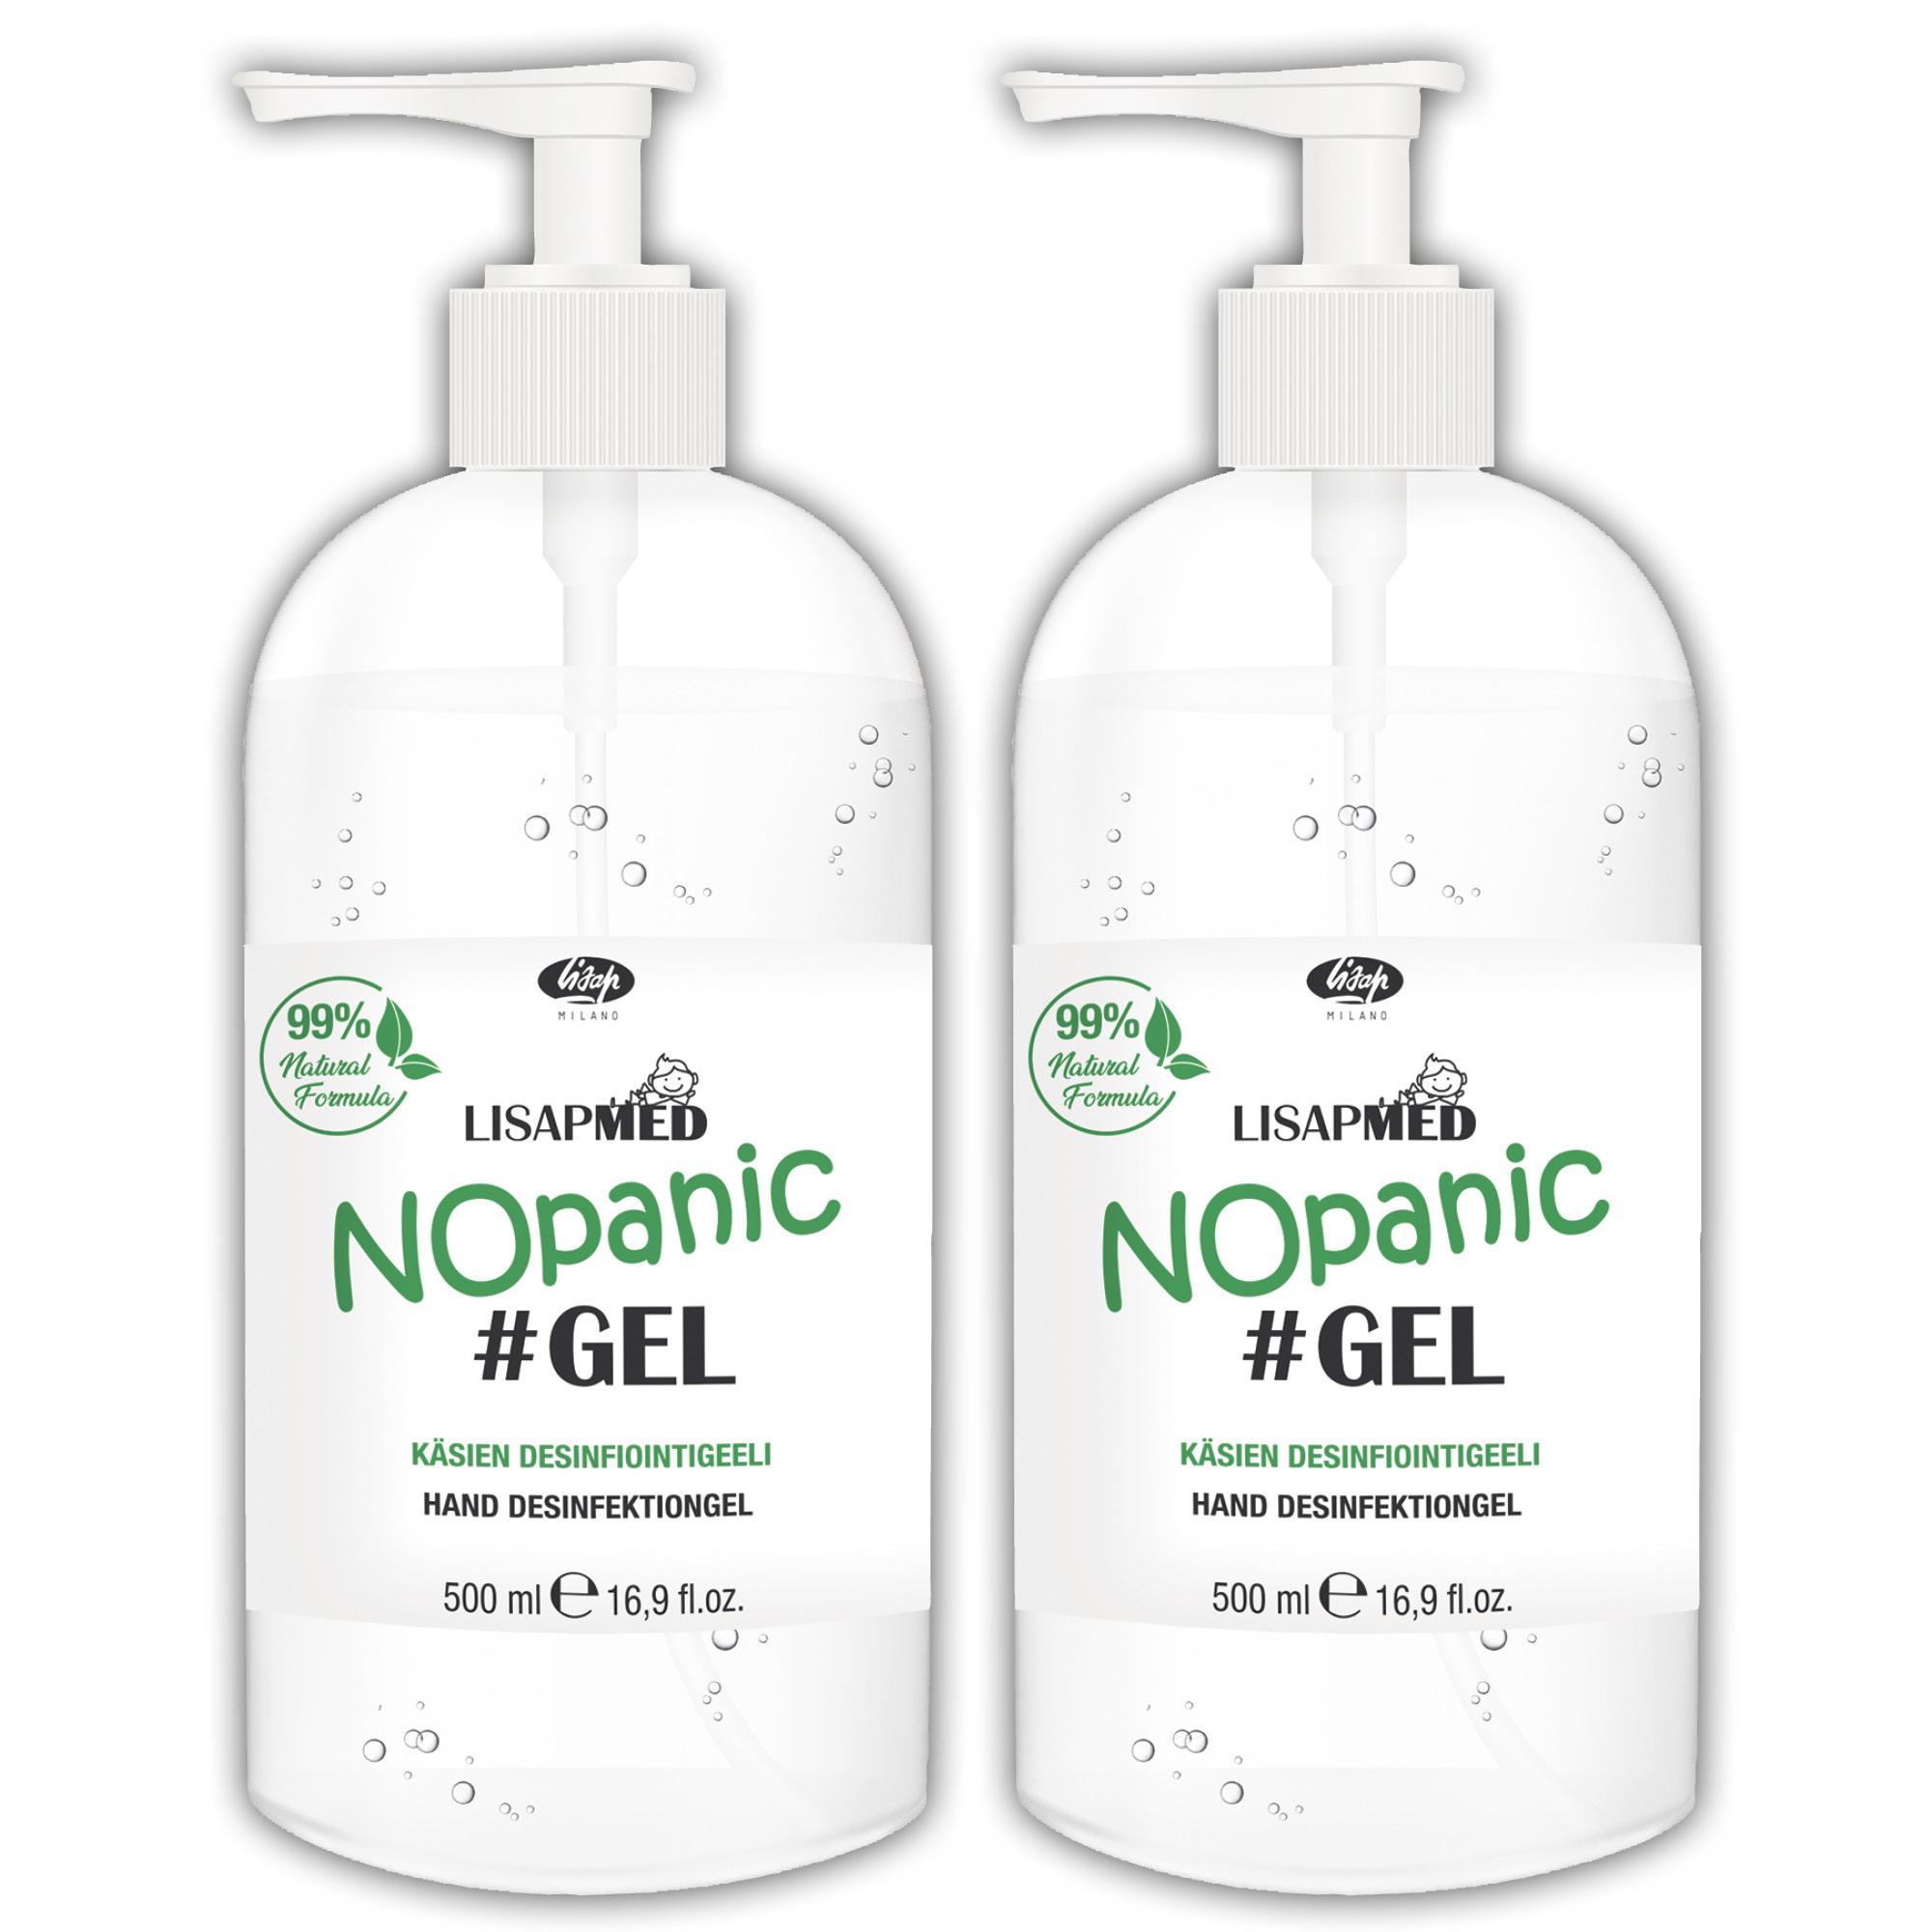 NoPanic 960x960